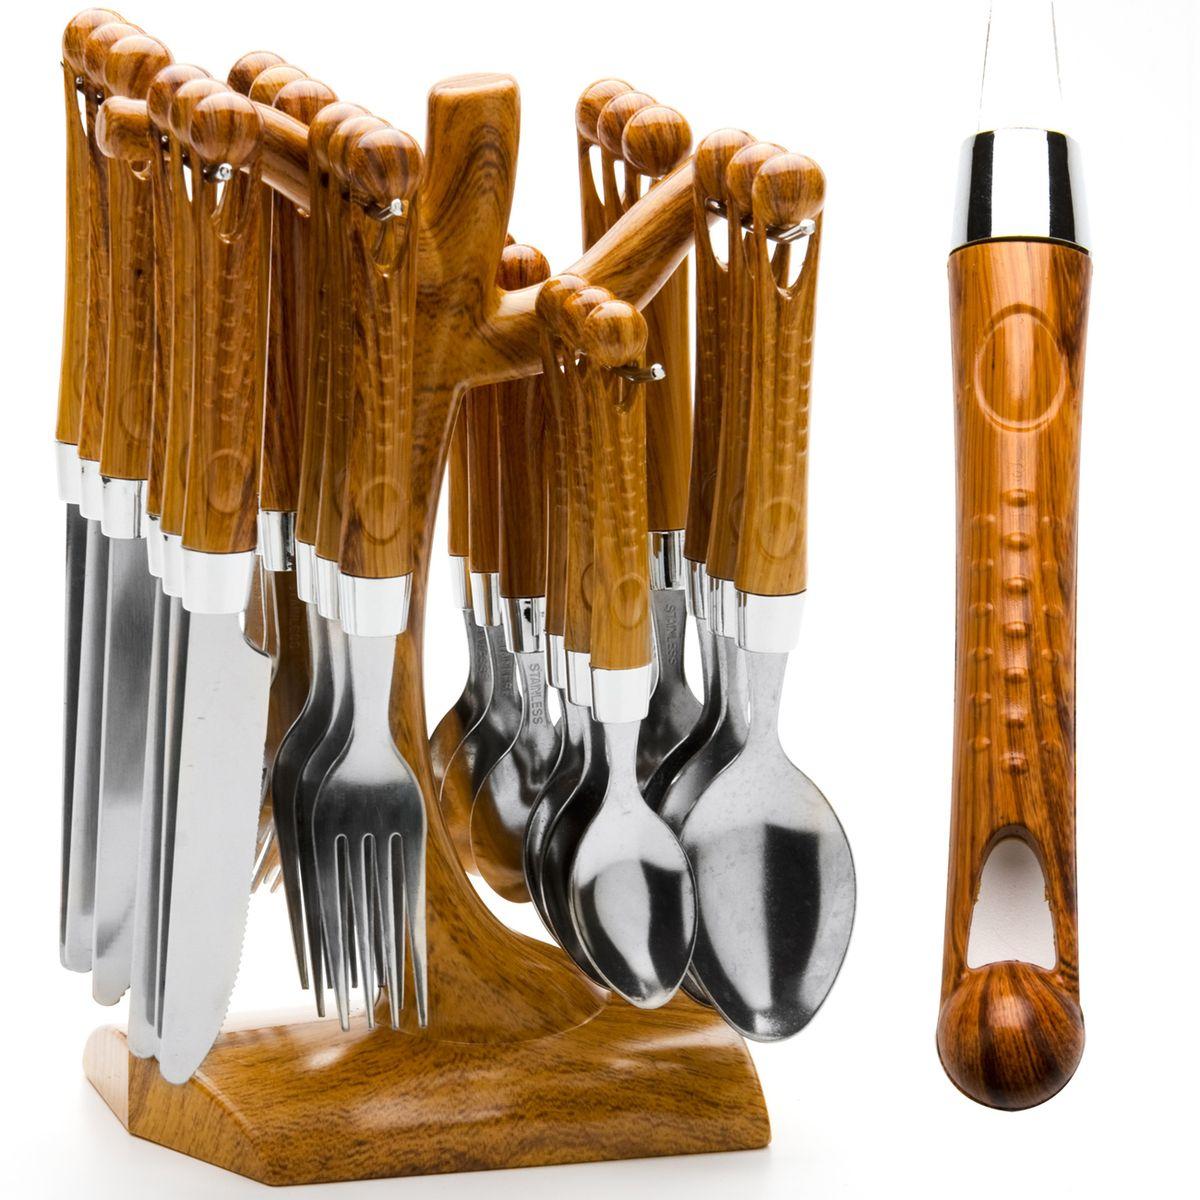 20006 Наб/стол приб. 24пр на подст.MB пласт/р(х16)20006Набор столовых предметов (25 предметов) 25 предметов: - столовый нож (6 шт) - столовая ложка (6 шт) - столовая вилка (6 шт) - чайная ложка (6 шт) - подставка Материал: нержавеющая сталь, пластик Цвета: желтый, голубой, сиреневый Размер упаковки: 25х15х13,5 Вес: 1,2 кг Набор столовых приборов Mayer & Boch выполнен из прочной нержавеющей стали. В набор входит 25 предметов: 6 обеденных ножей, 6 обеденных ложек, 6 обеденных вилок и 6 чайных ложек и подставка. Приборы имеют оригинальные удобные ручки с оригинальным узором. Прекрасное сочетание свежего дизайна и удобство использования предметов набора придется по душе каждому. Предметы набора расположены на подставке из стали с секциями для каждого вида приборов. Подставка оснащена удобной ручкой для переноски. Набор столовых приборов Mayer & Boch подойдет для сервировки стола, как дома, так и на даче и всегда будет важной частью трапезы, а также станет замечательным подарком.